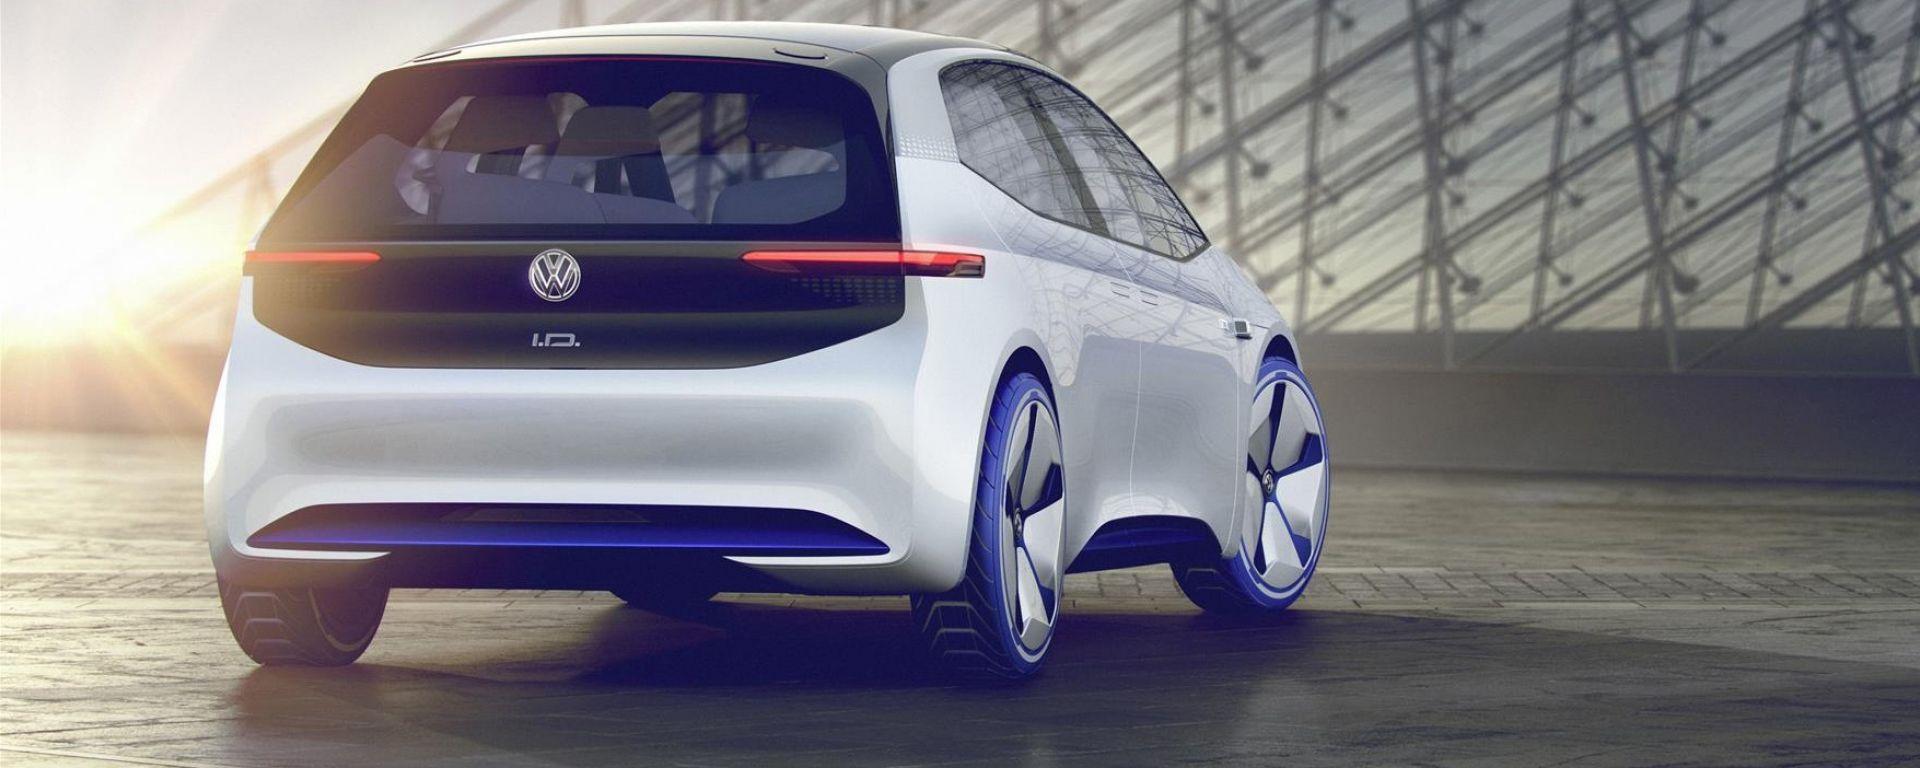 Audi e-tron Hatchback: c'è una cugina per la Volkswagen ID